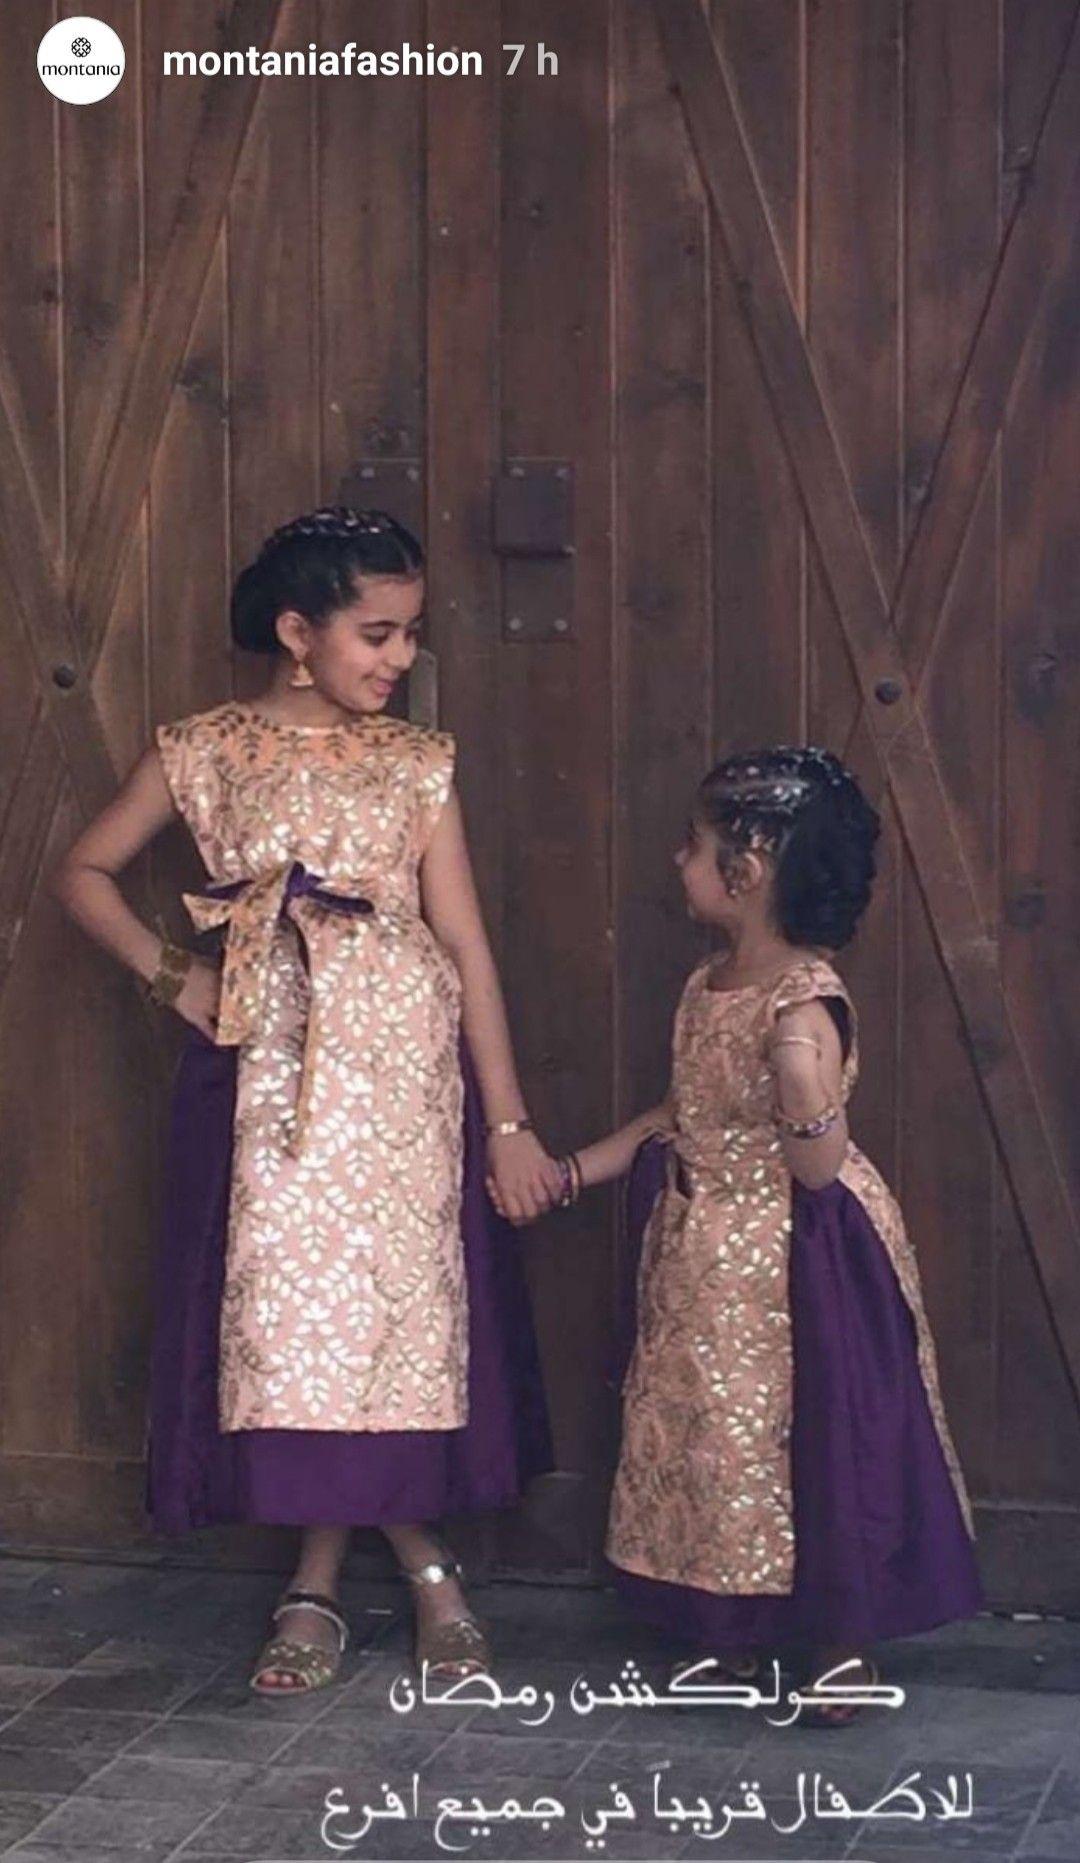 فساتين Kids Gown Design Kids Gown Chic Baby Girl Outfits